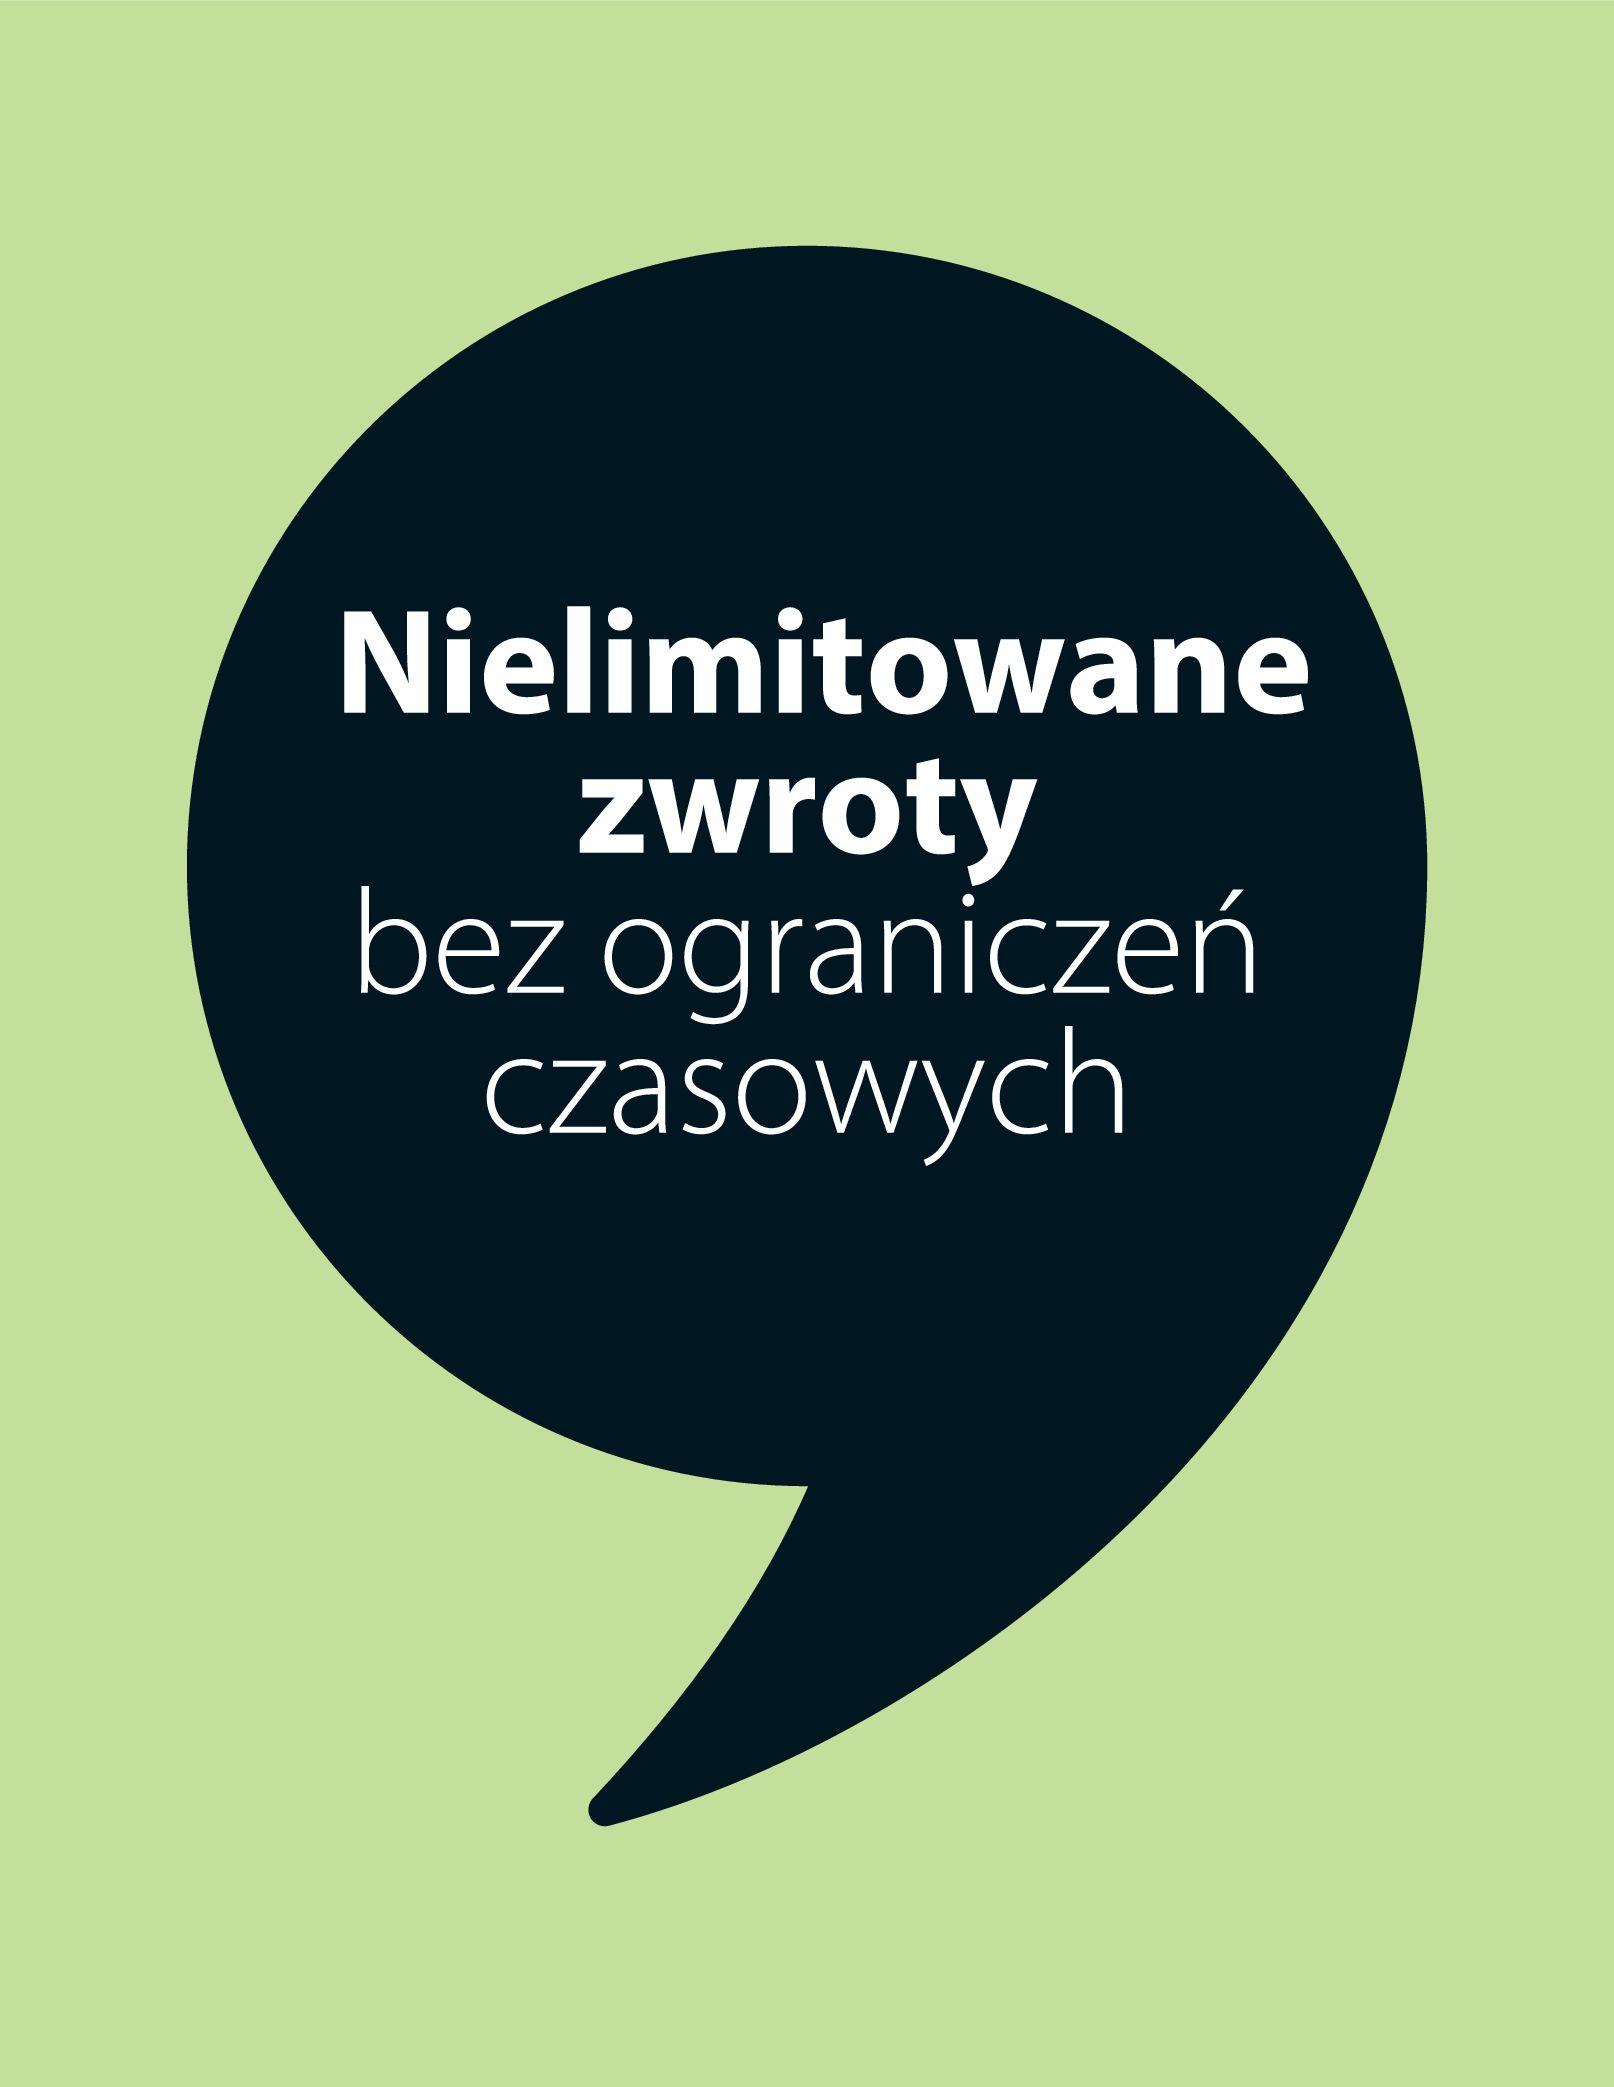 Gazetka Jysk - Oferta tygodnia-13.05.2020-27.05.2020-page-1